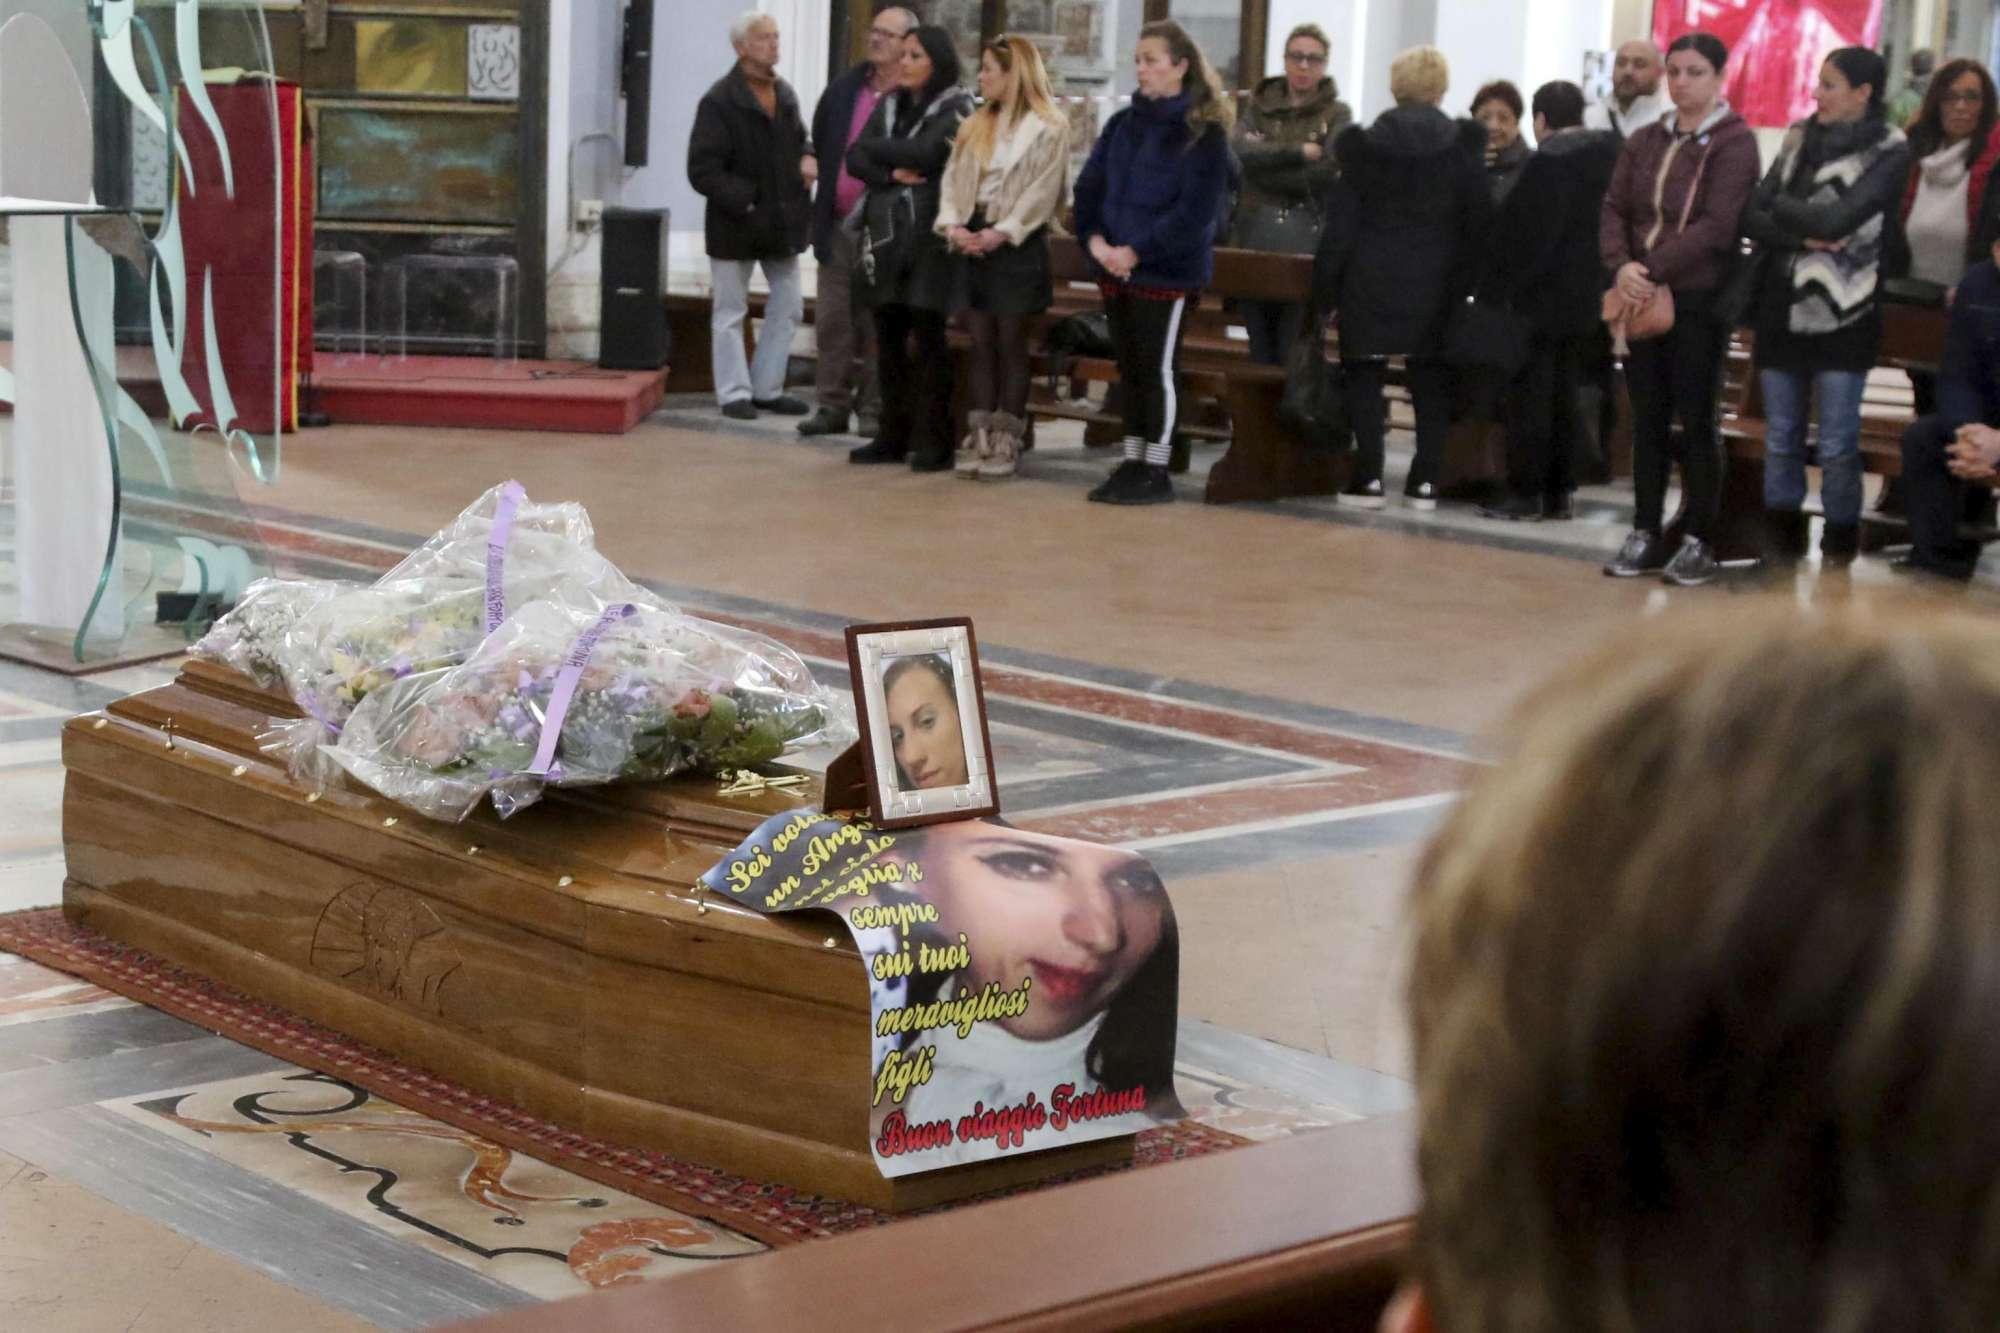 Napoli, i funerali di Fortuna Bellisario